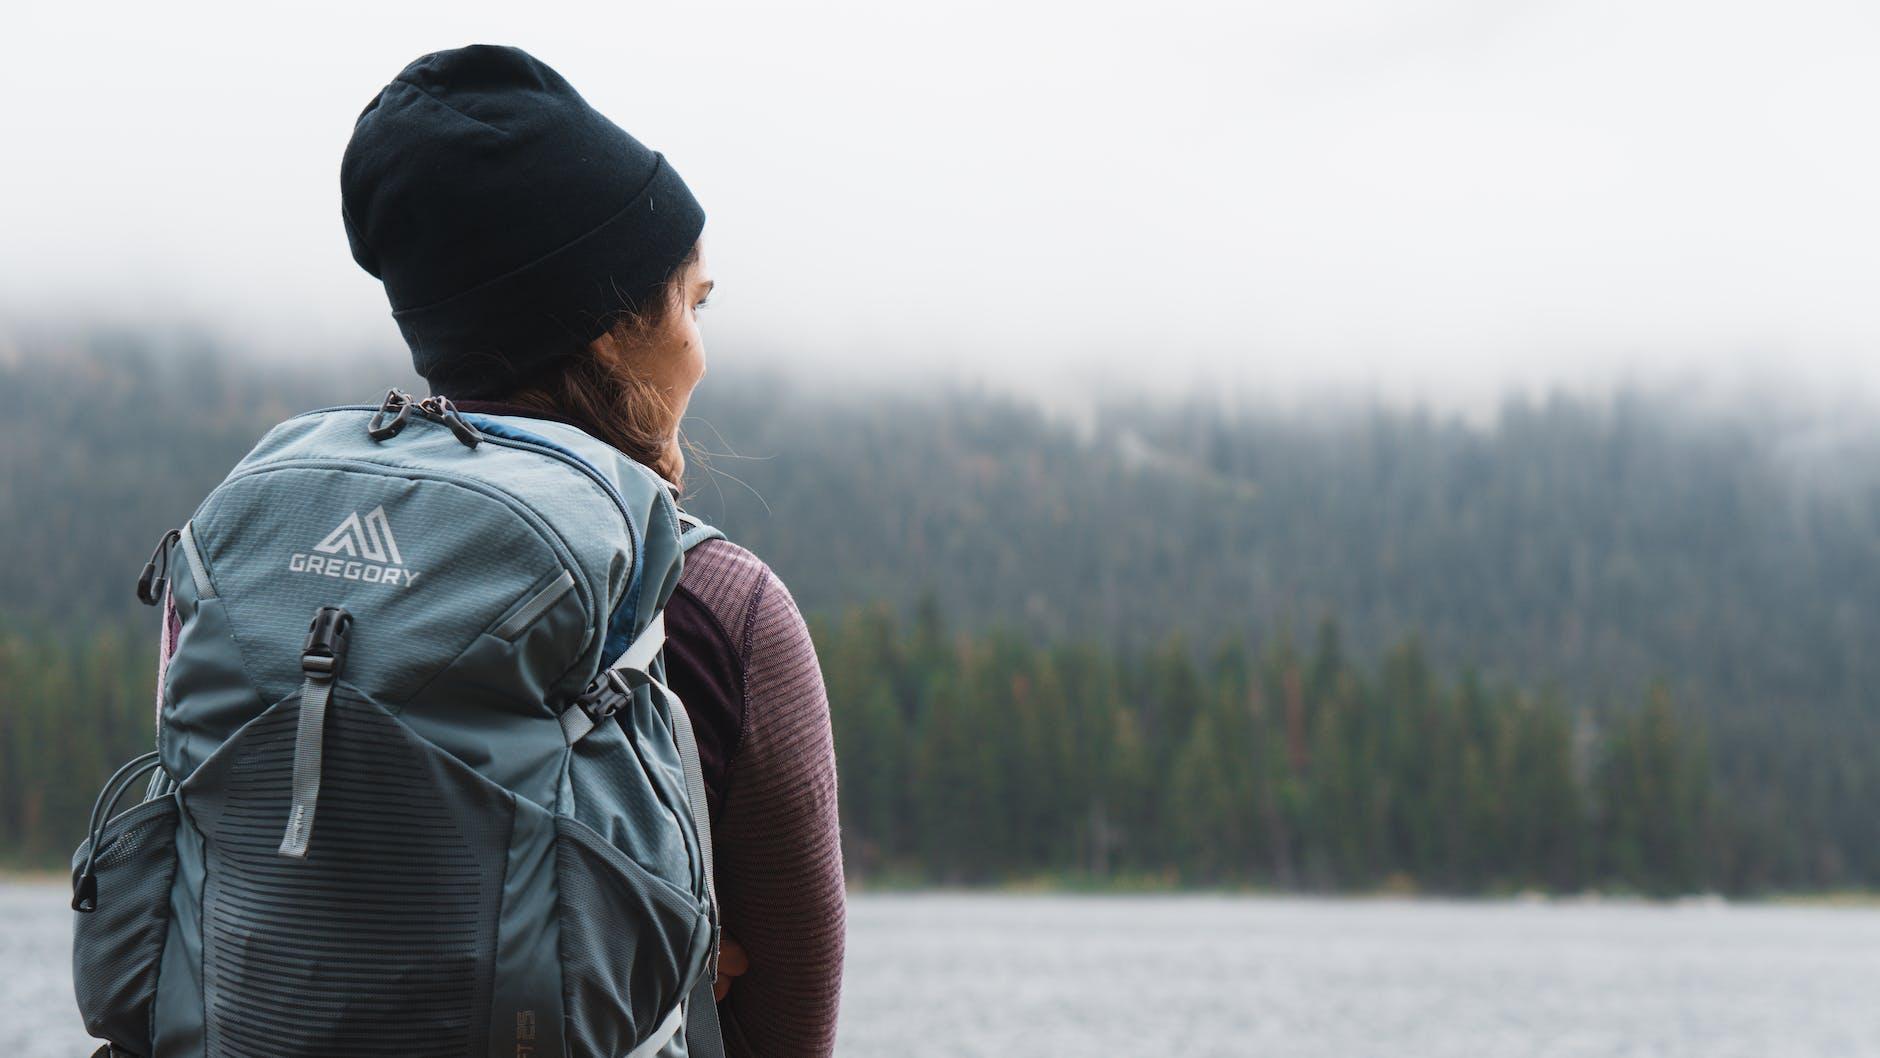 第一次自助旅行就挑戰環歐!? 5個寶貴的經驗分享